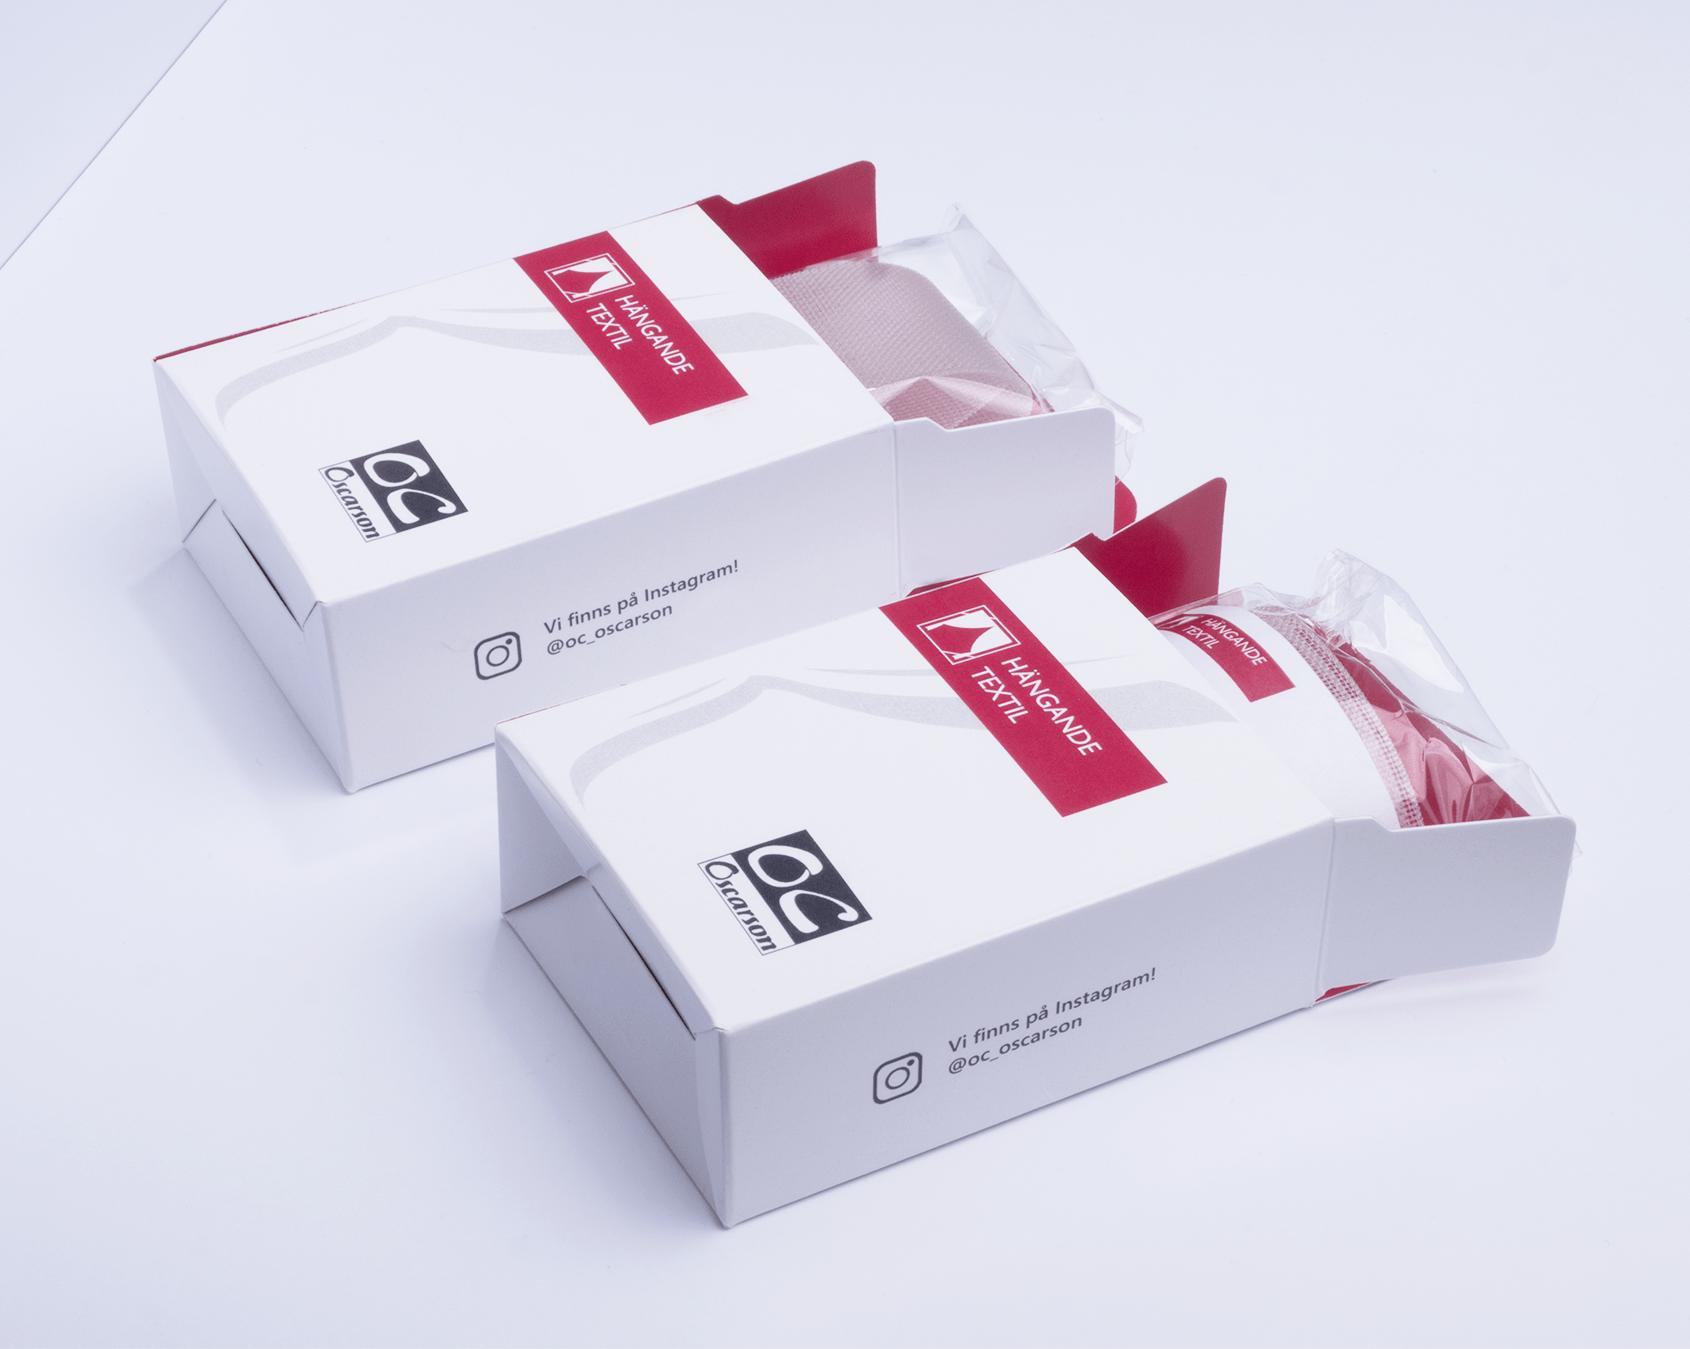 Produktförpackning för varuprover